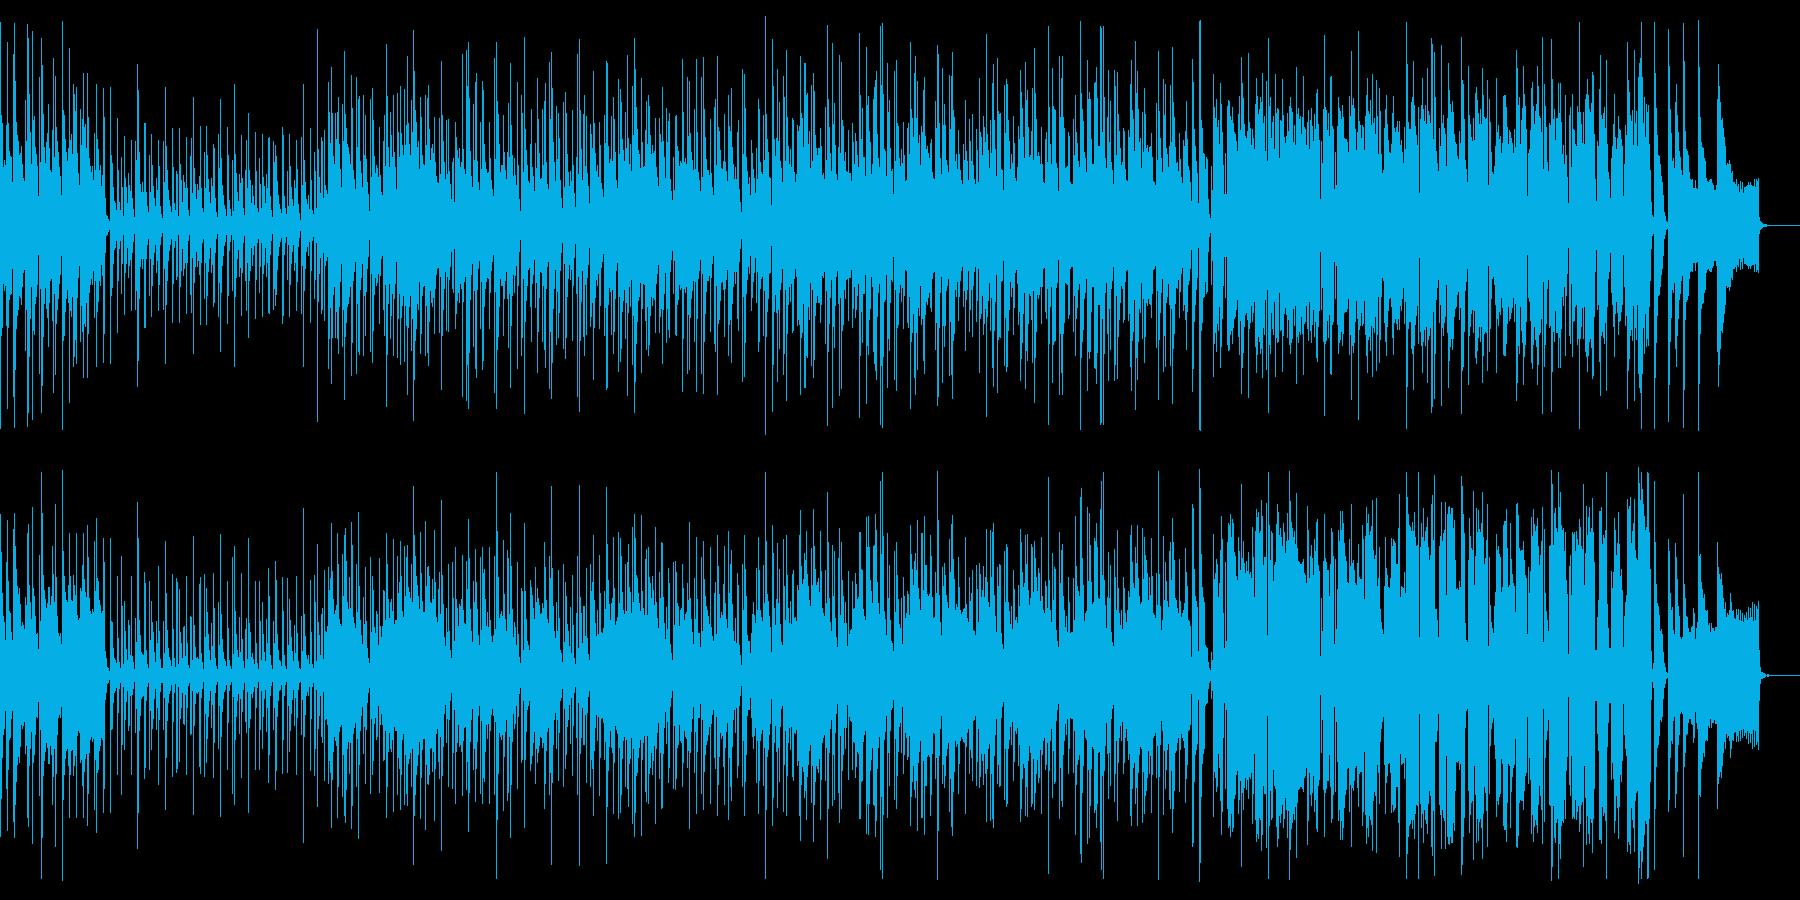 三味線と笛の浮かれたムードの和風曲の再生済みの波形